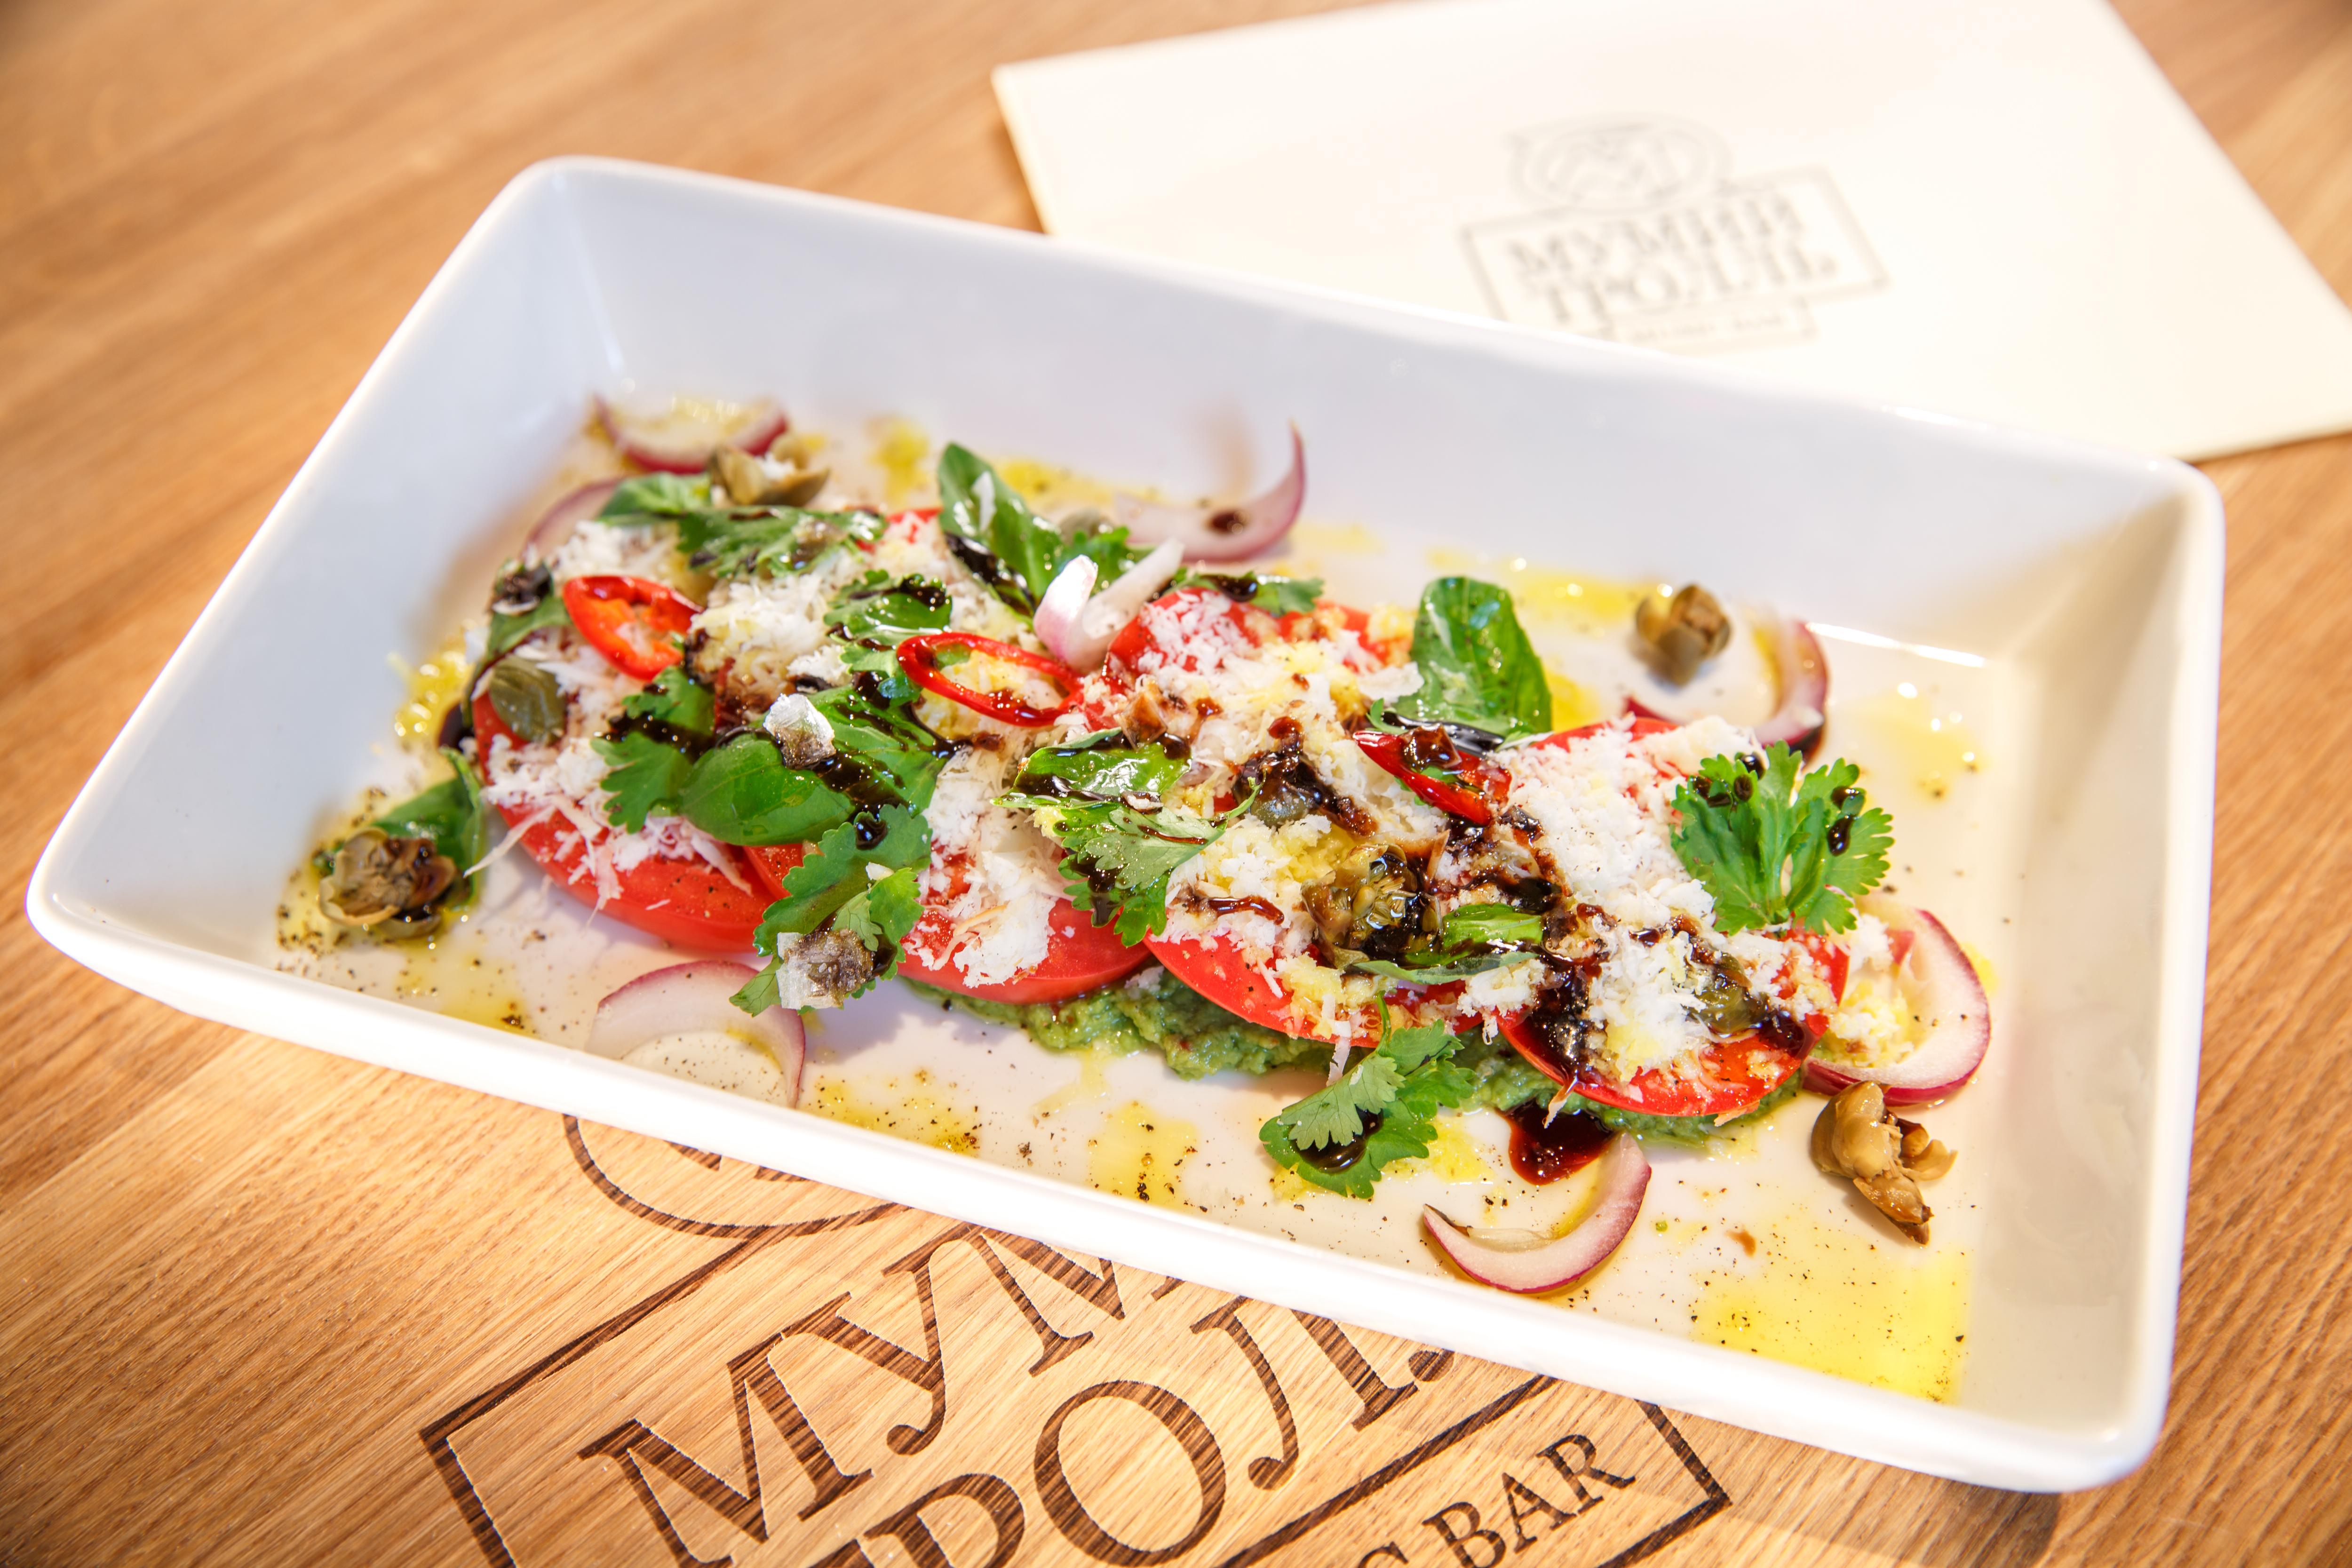 Ресторан Мумий Тролль Music Bar - Сладкие розовые помидоры с гуакамоле и копчёным сыром.